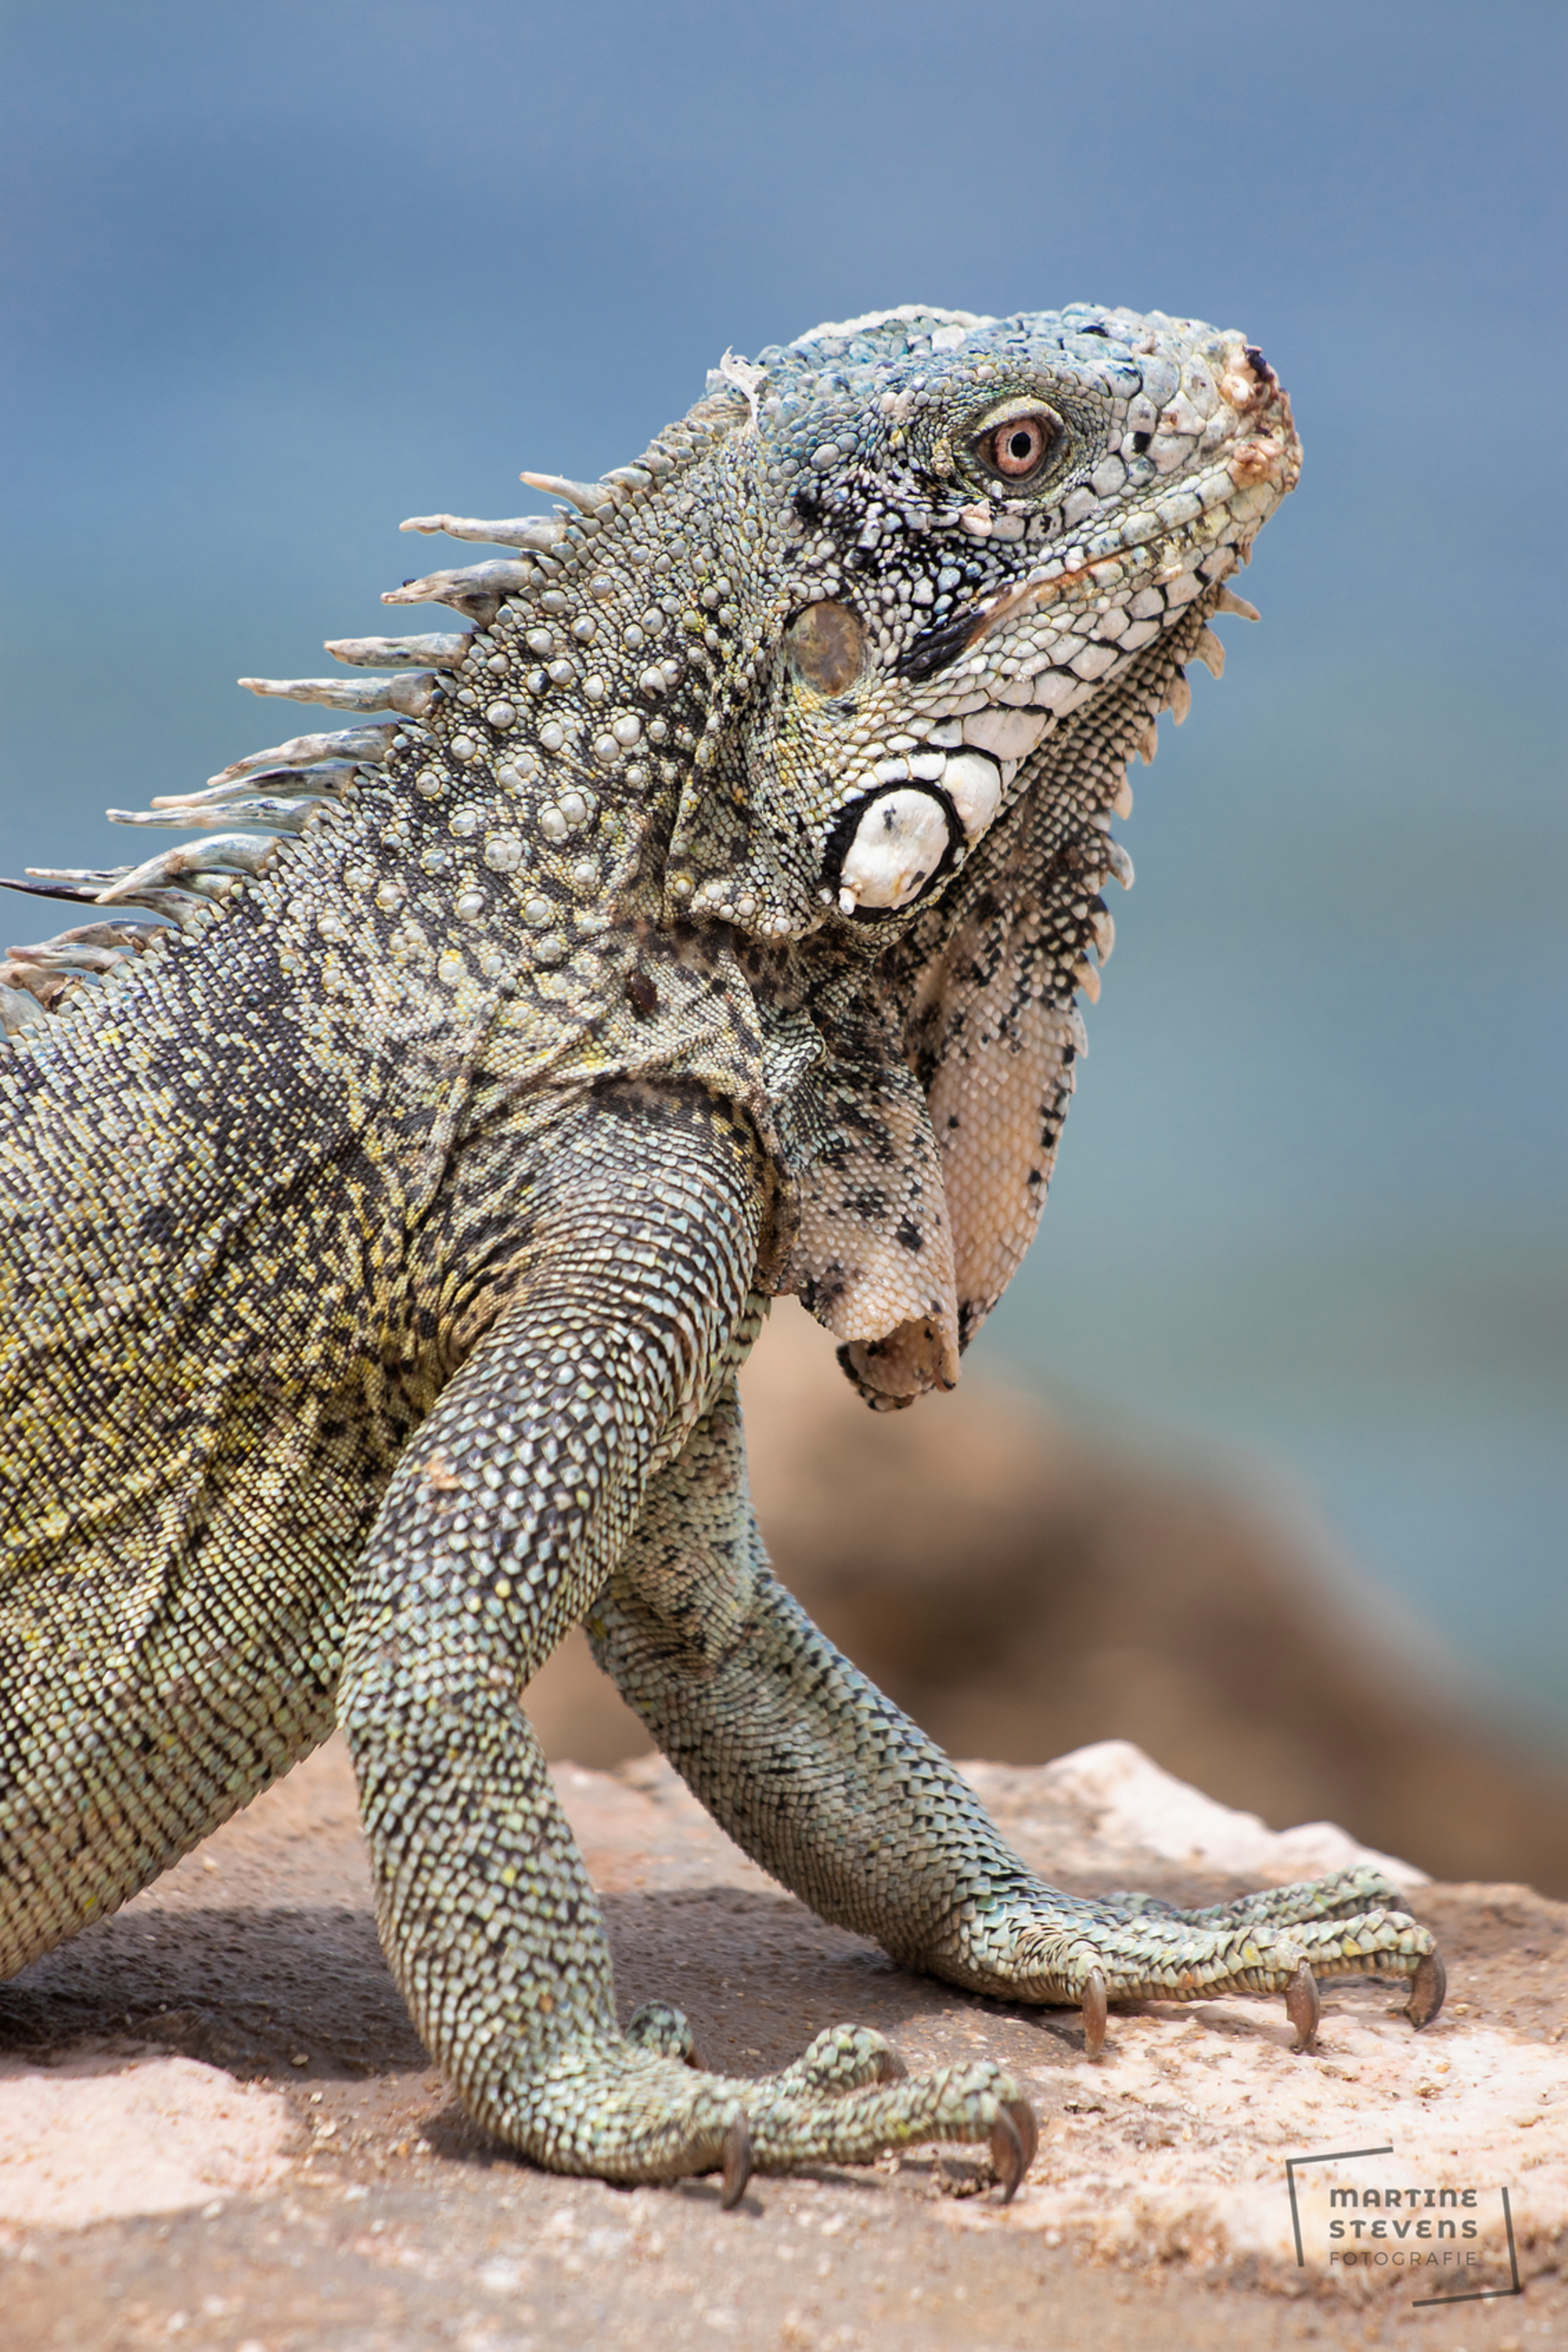 Look at me - Foto genomen op het strand op Curaçao - foto door MartineStevens op 03-08-2020 - deze foto bevat: dieren, leguaan, reptiel - Deze foto mag gebruikt worden in een Zoom.nl publicatie